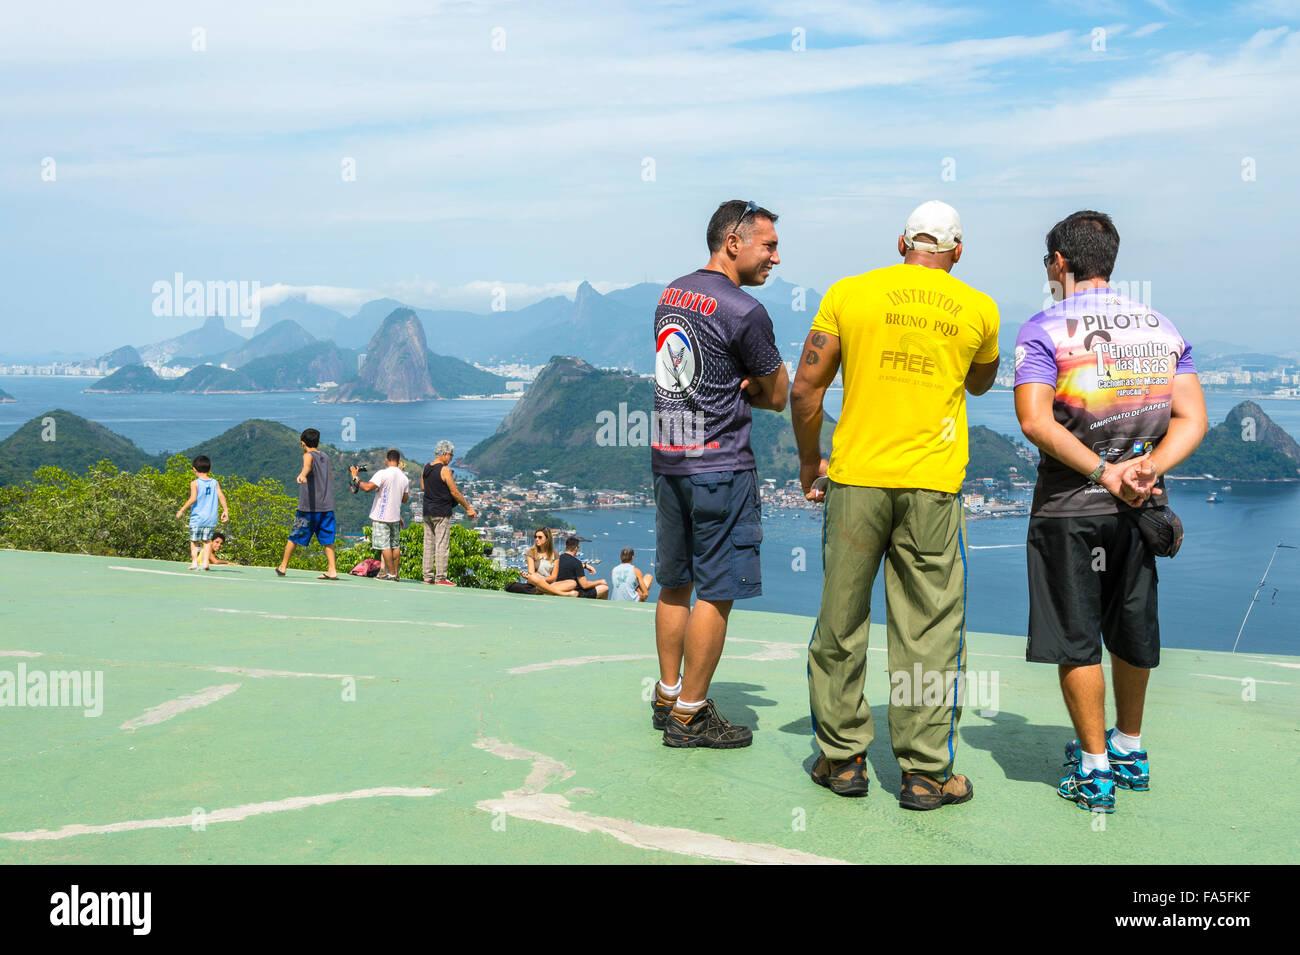 RIO DE JANEIRO, Brésil - 24 octobre 2015: parapente les pilotes à évaluer les conditions météorologiques Photo Stock